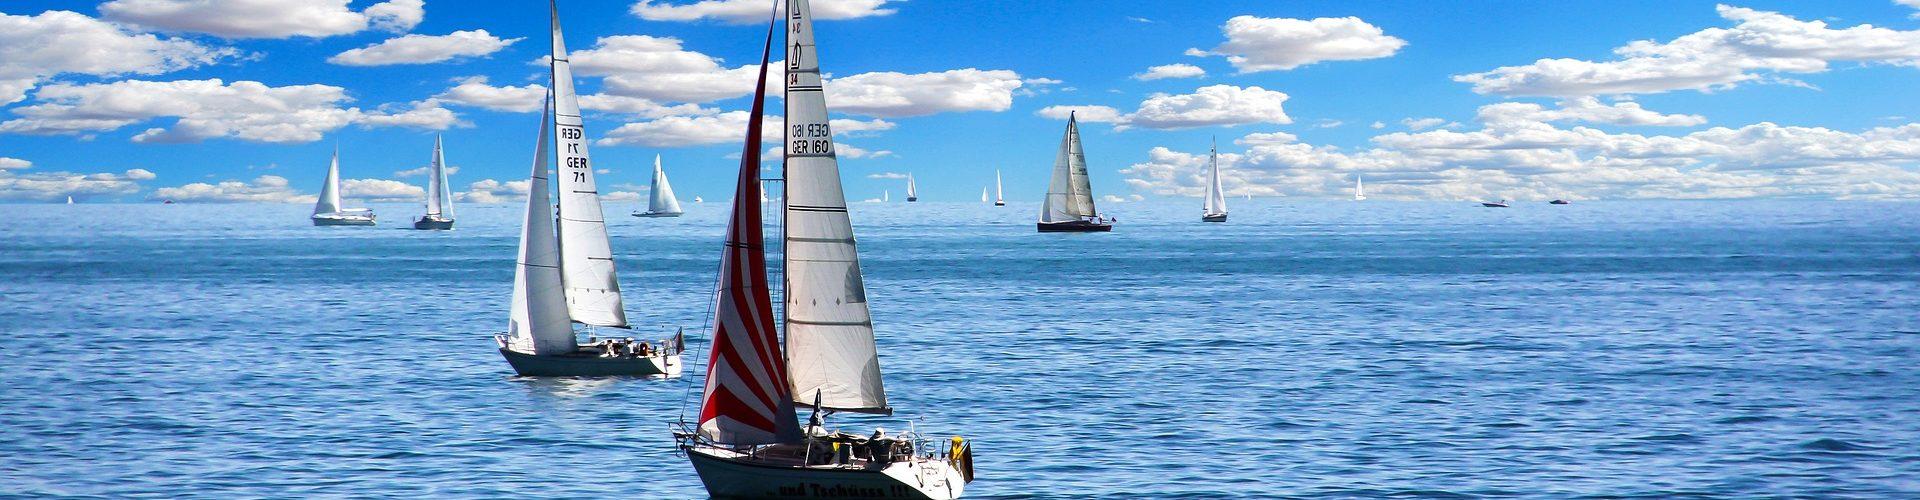 segeln lernen in Hamburg Allermöhe segelschein machen in Hamburg Allermöhe 1920x500 - Segeln lernen in Hamburg Allermöhe